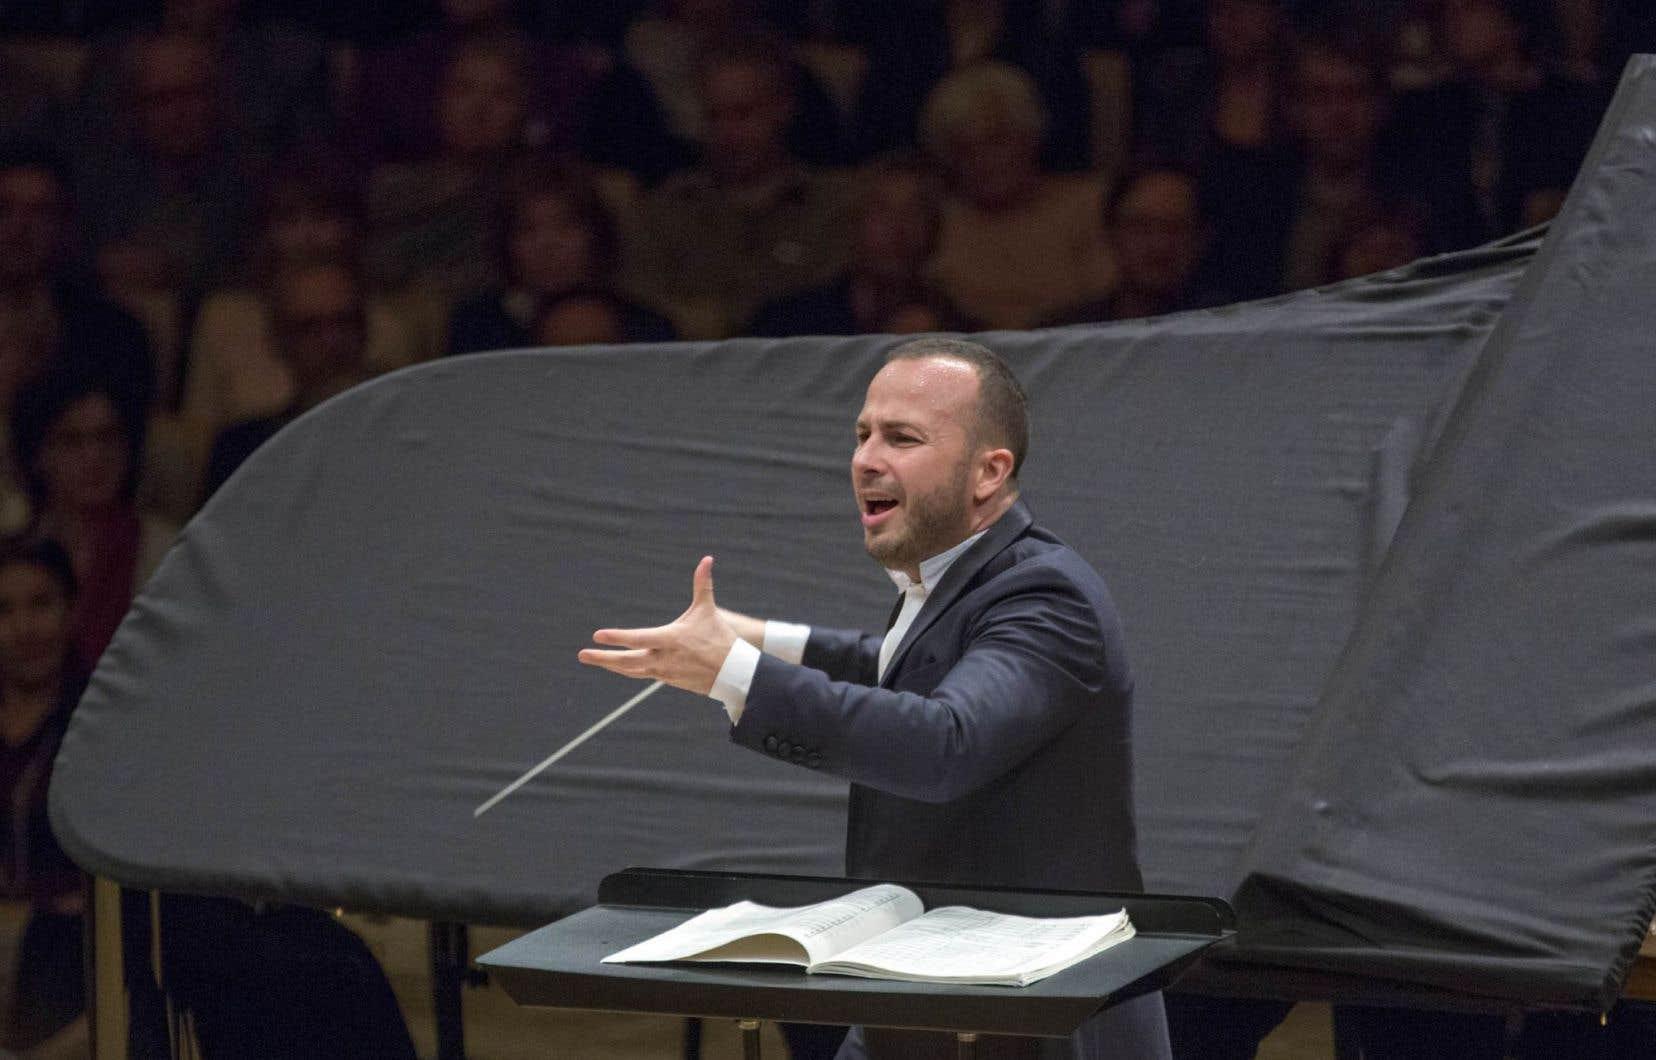 En maîtrisant les transitions, en ne s'épanchant plus en pauses méditatives dans les grandes phrases, le chef Yannick Nézet-Séguin défend désormais un Bruckner fluide, bien campé, qui respire au long cours.